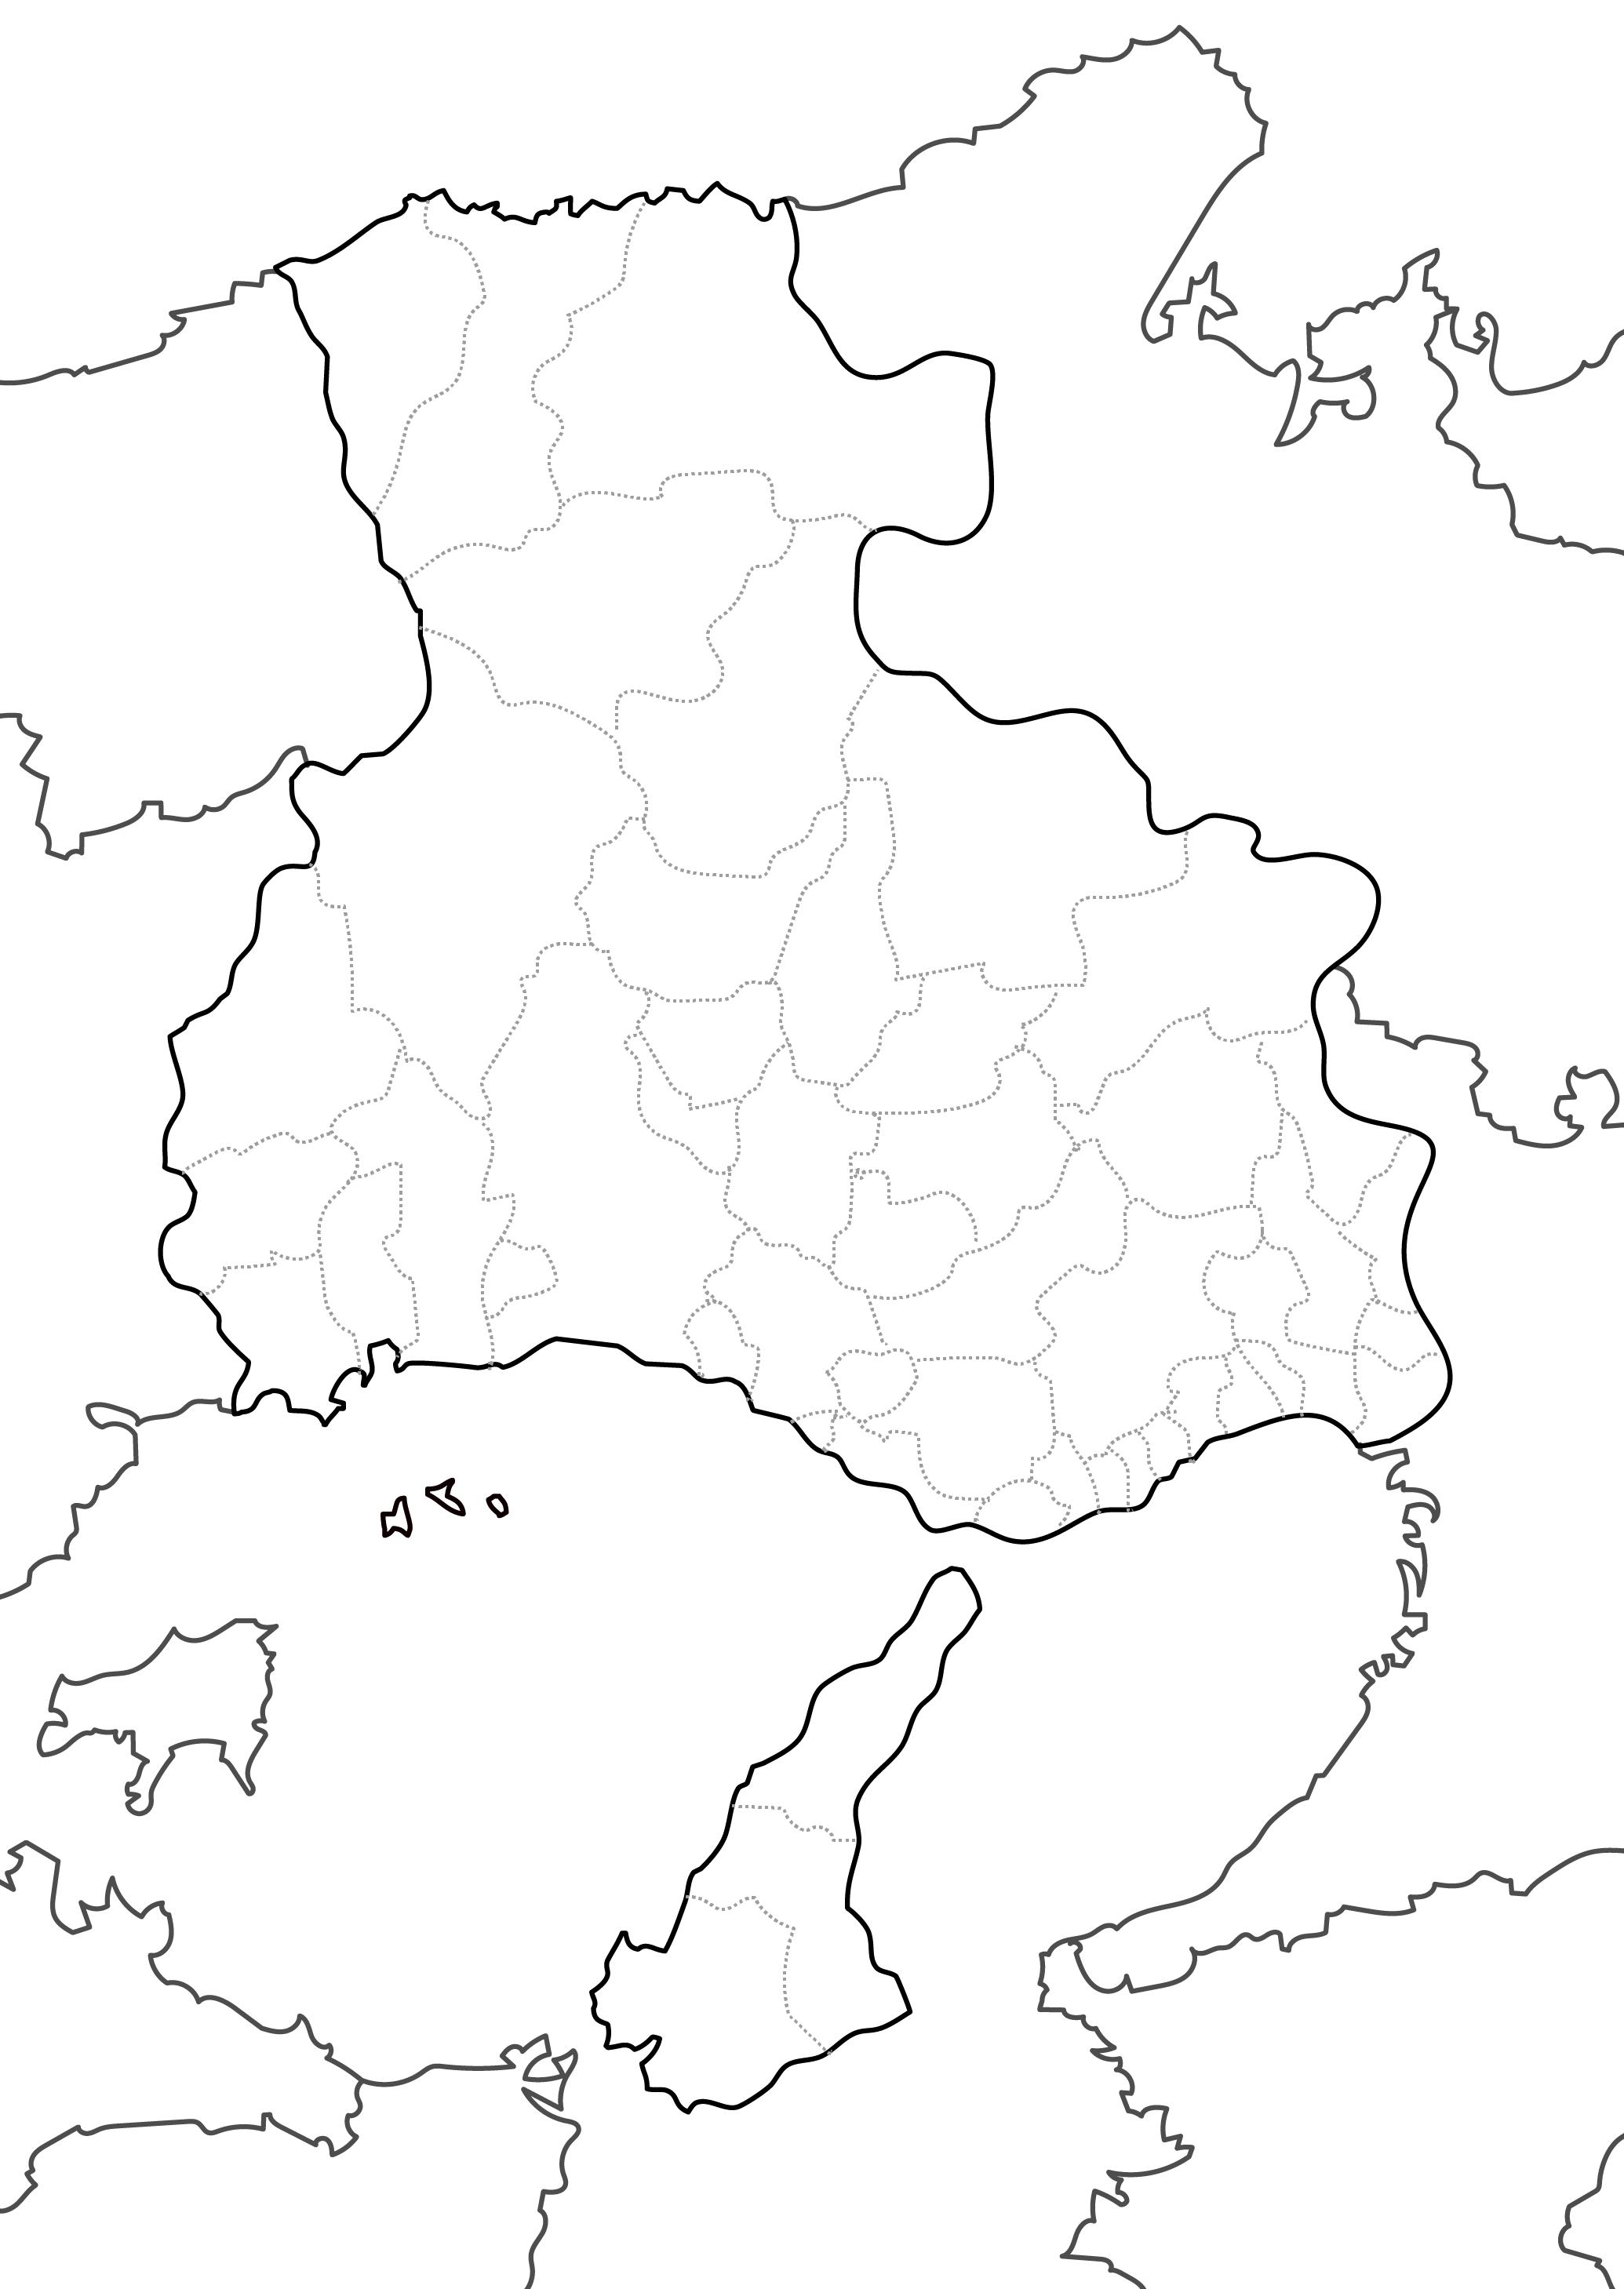 [白地図]兵庫県・ラインあり・市区町村名なし・隣県なし